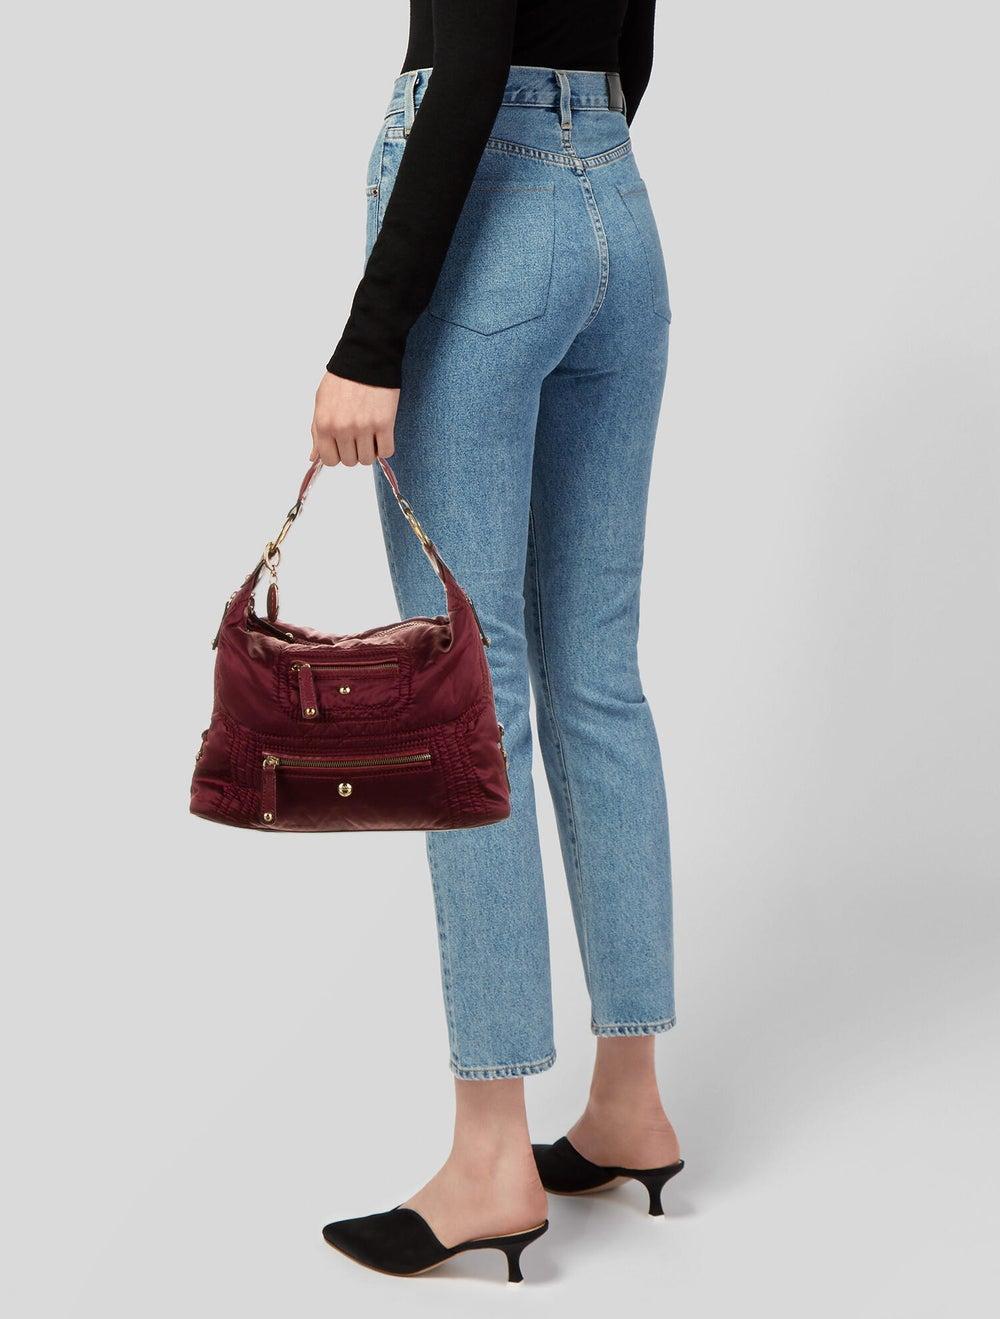 Tod's Nylon Shoulder Bag Red - image 2